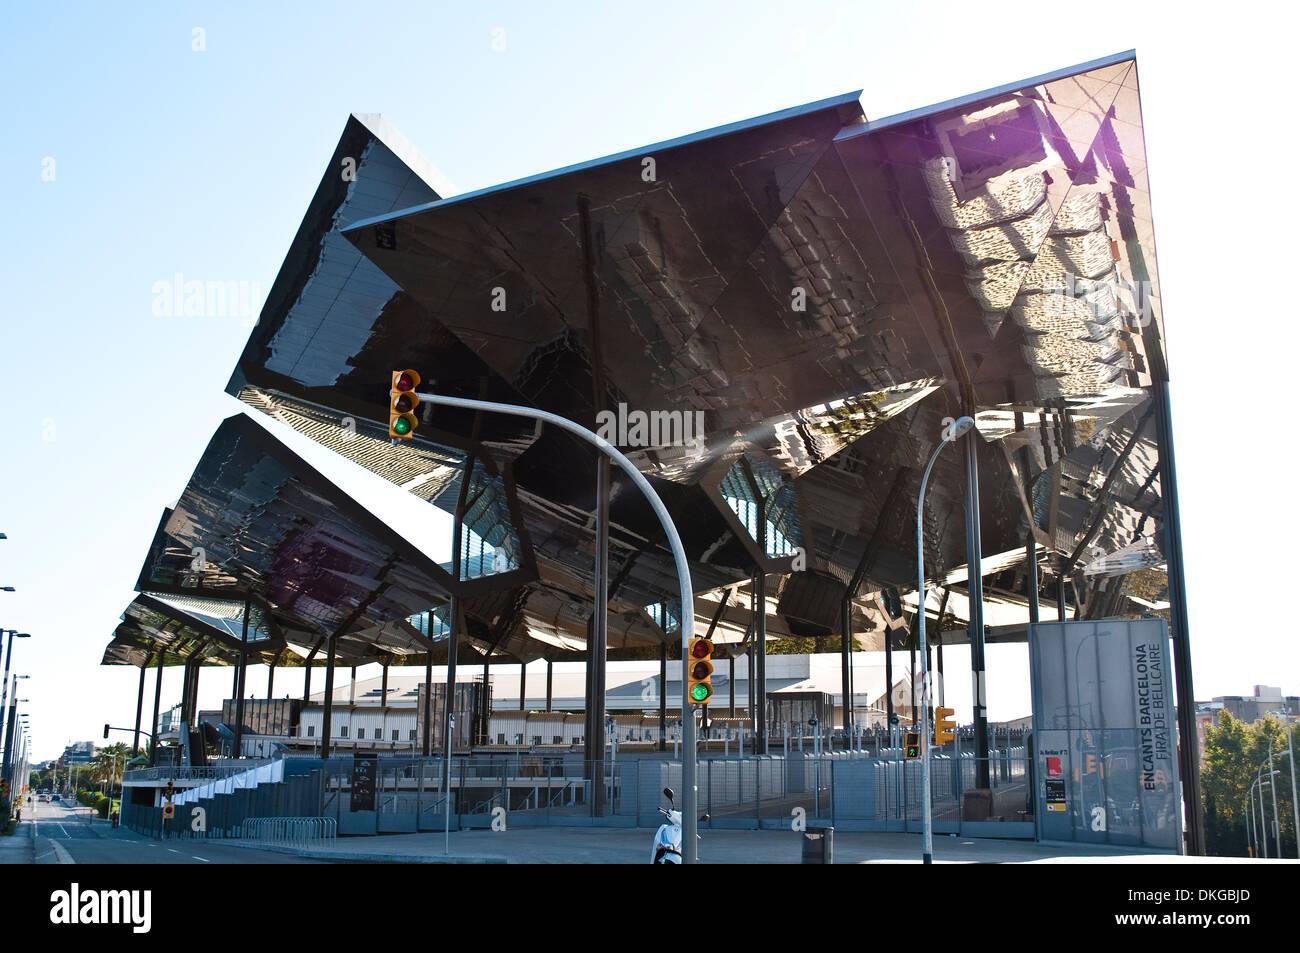 El encants or mercat fira de bellcaire architecture placa for El mercat de les glories